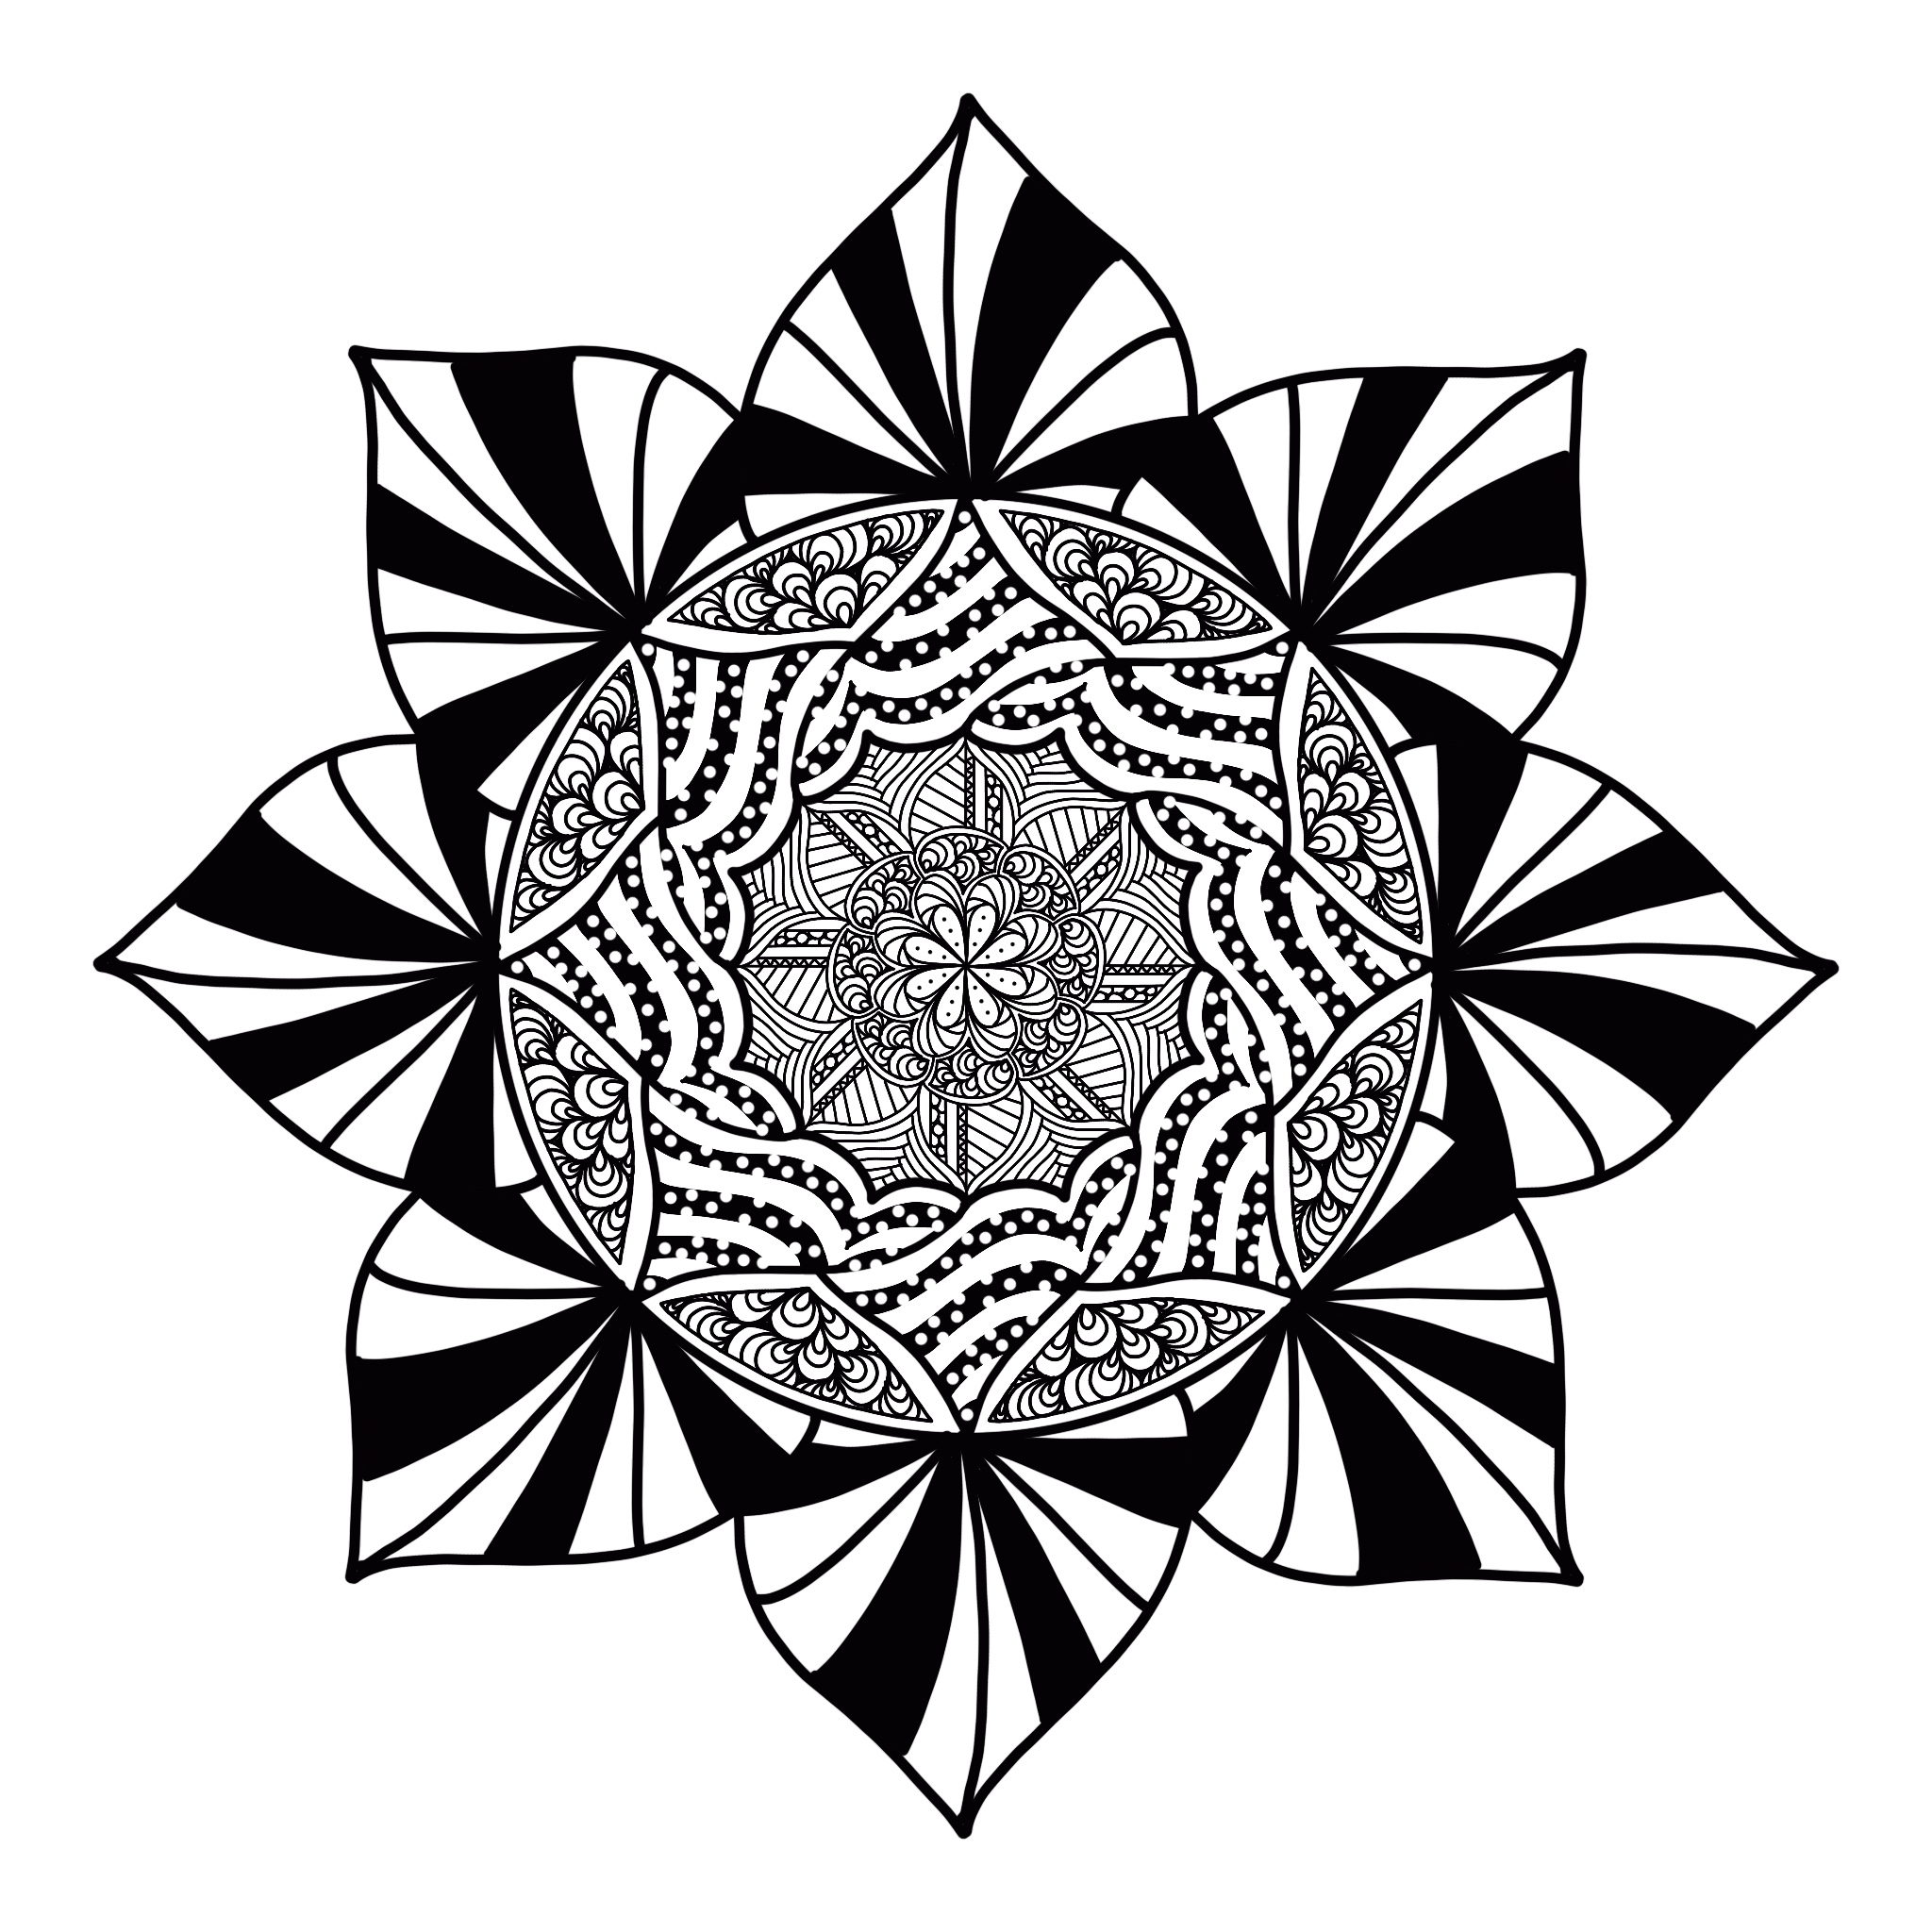 Mandala_57